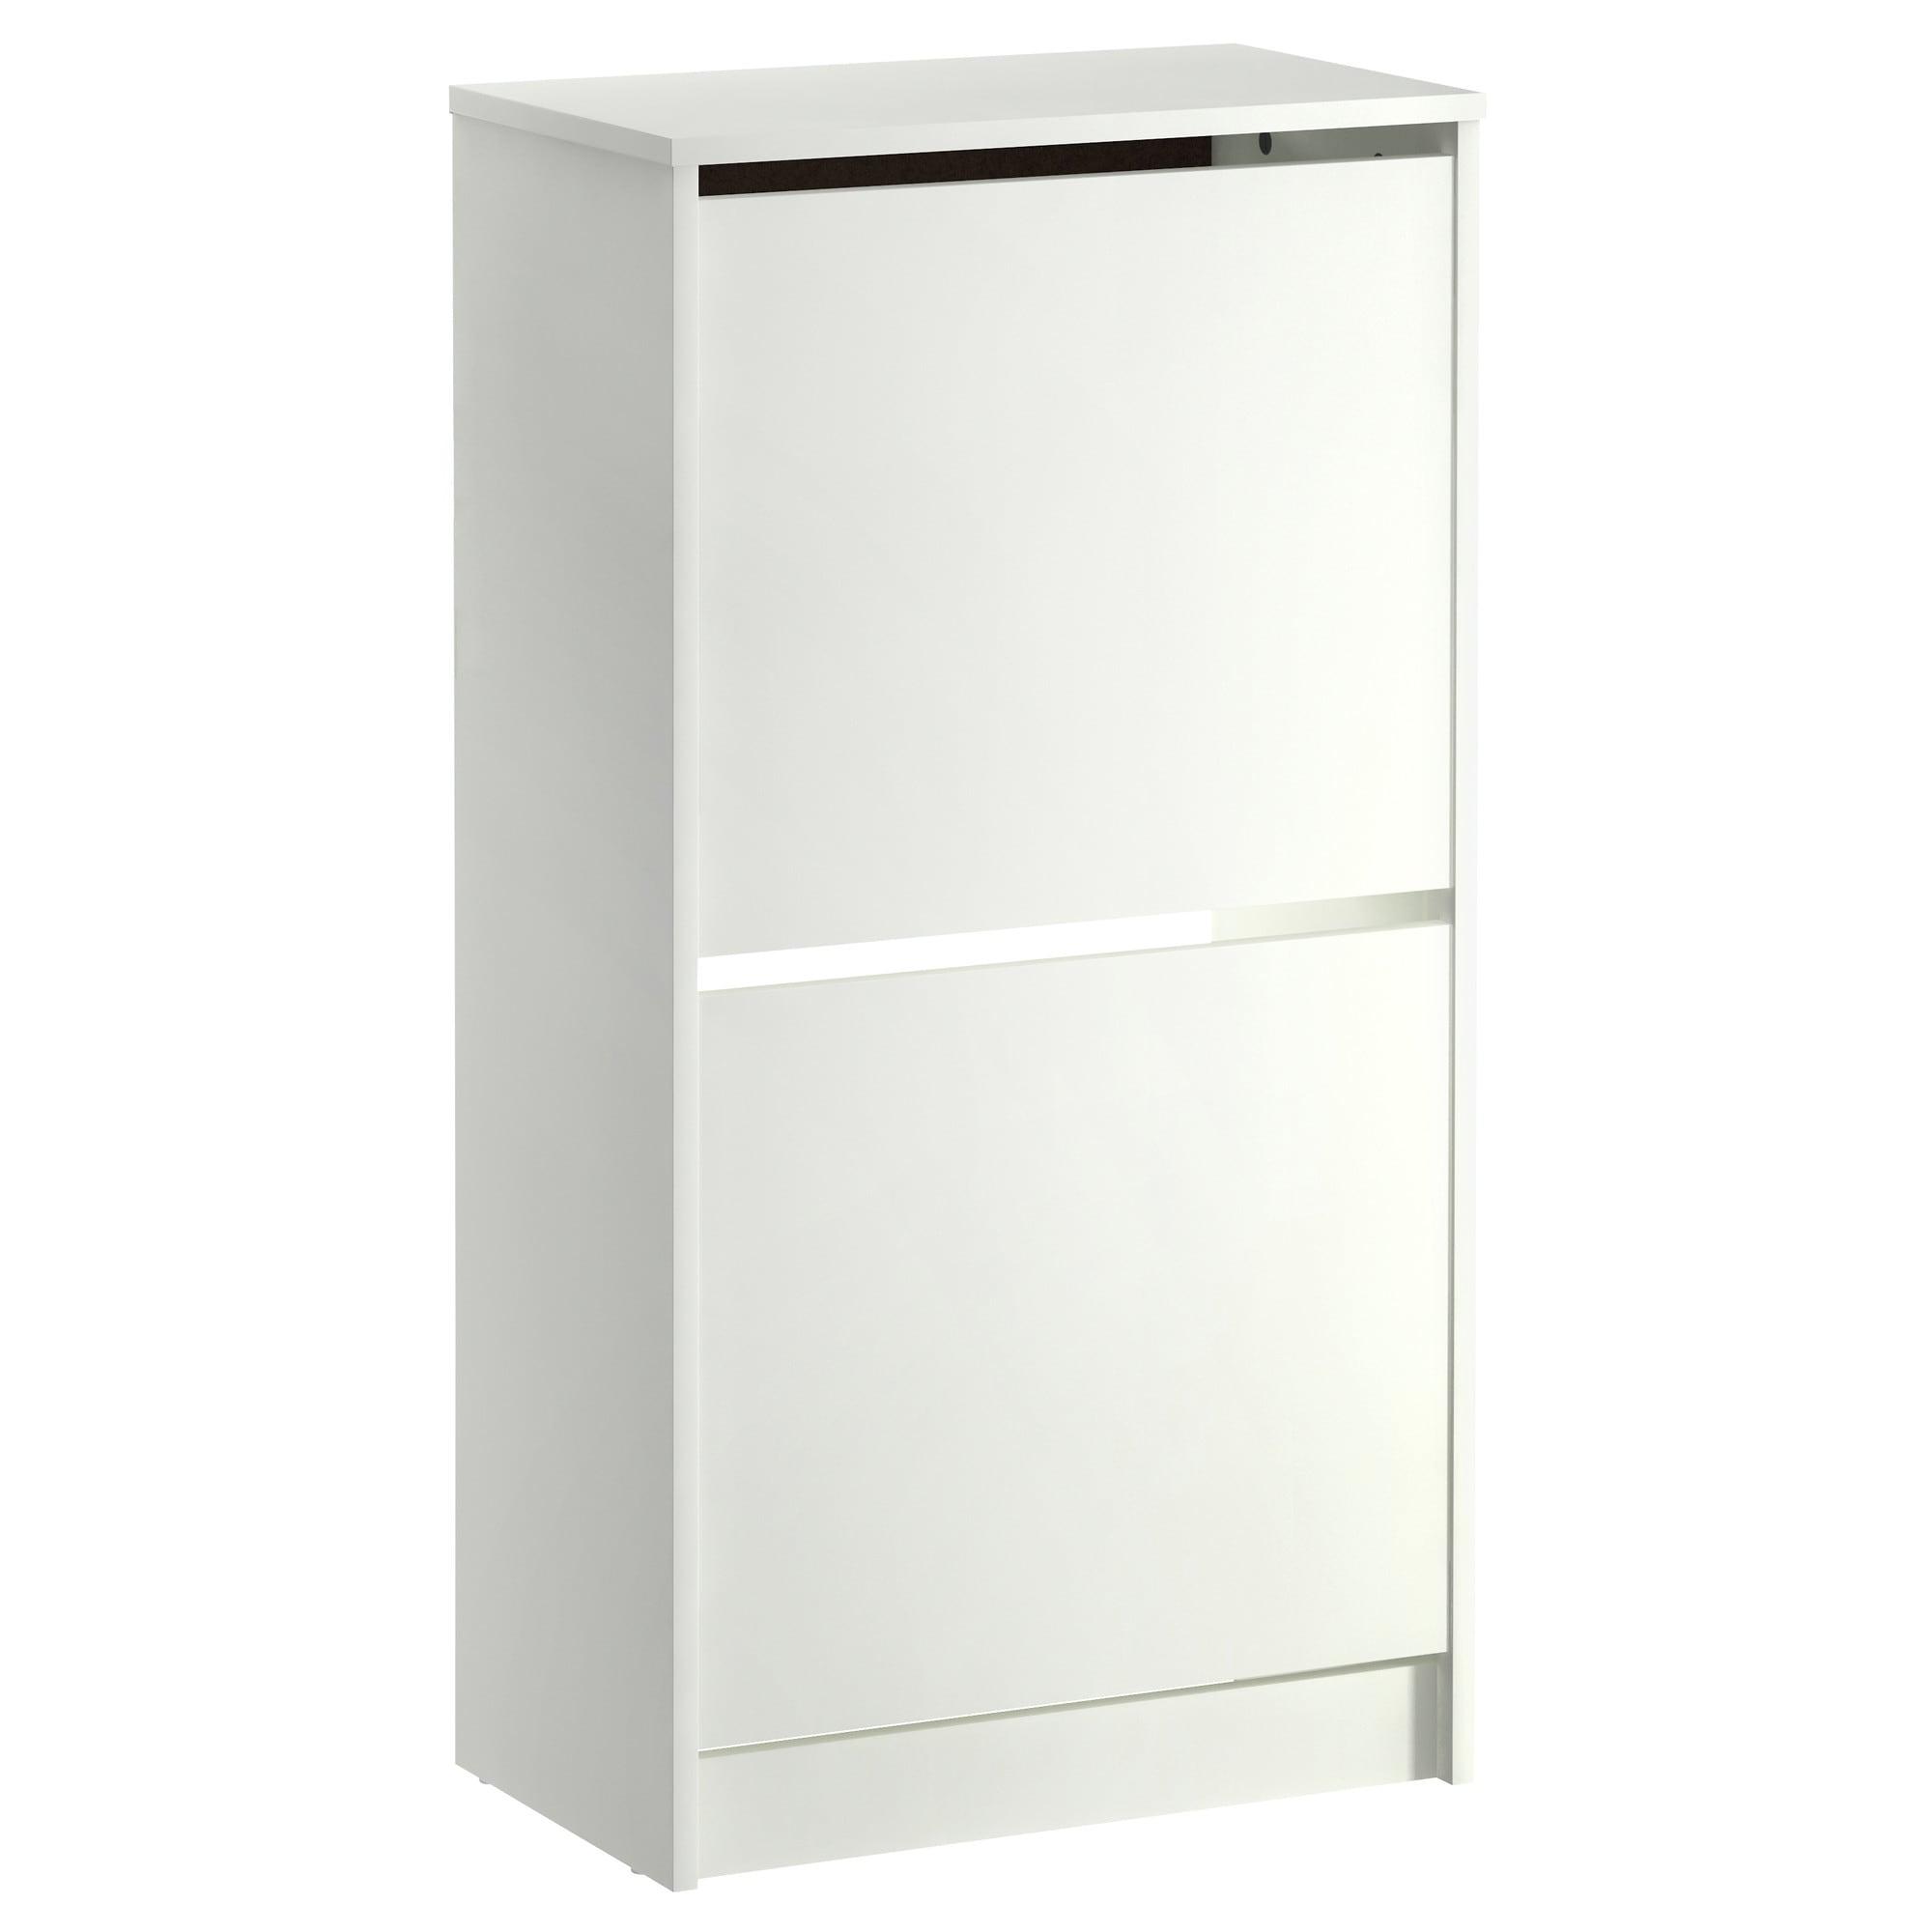 Ikea Mueble Zapatero Txdf Bissa Zapatero 2 Blanco 49 X 93 Cm Ikea